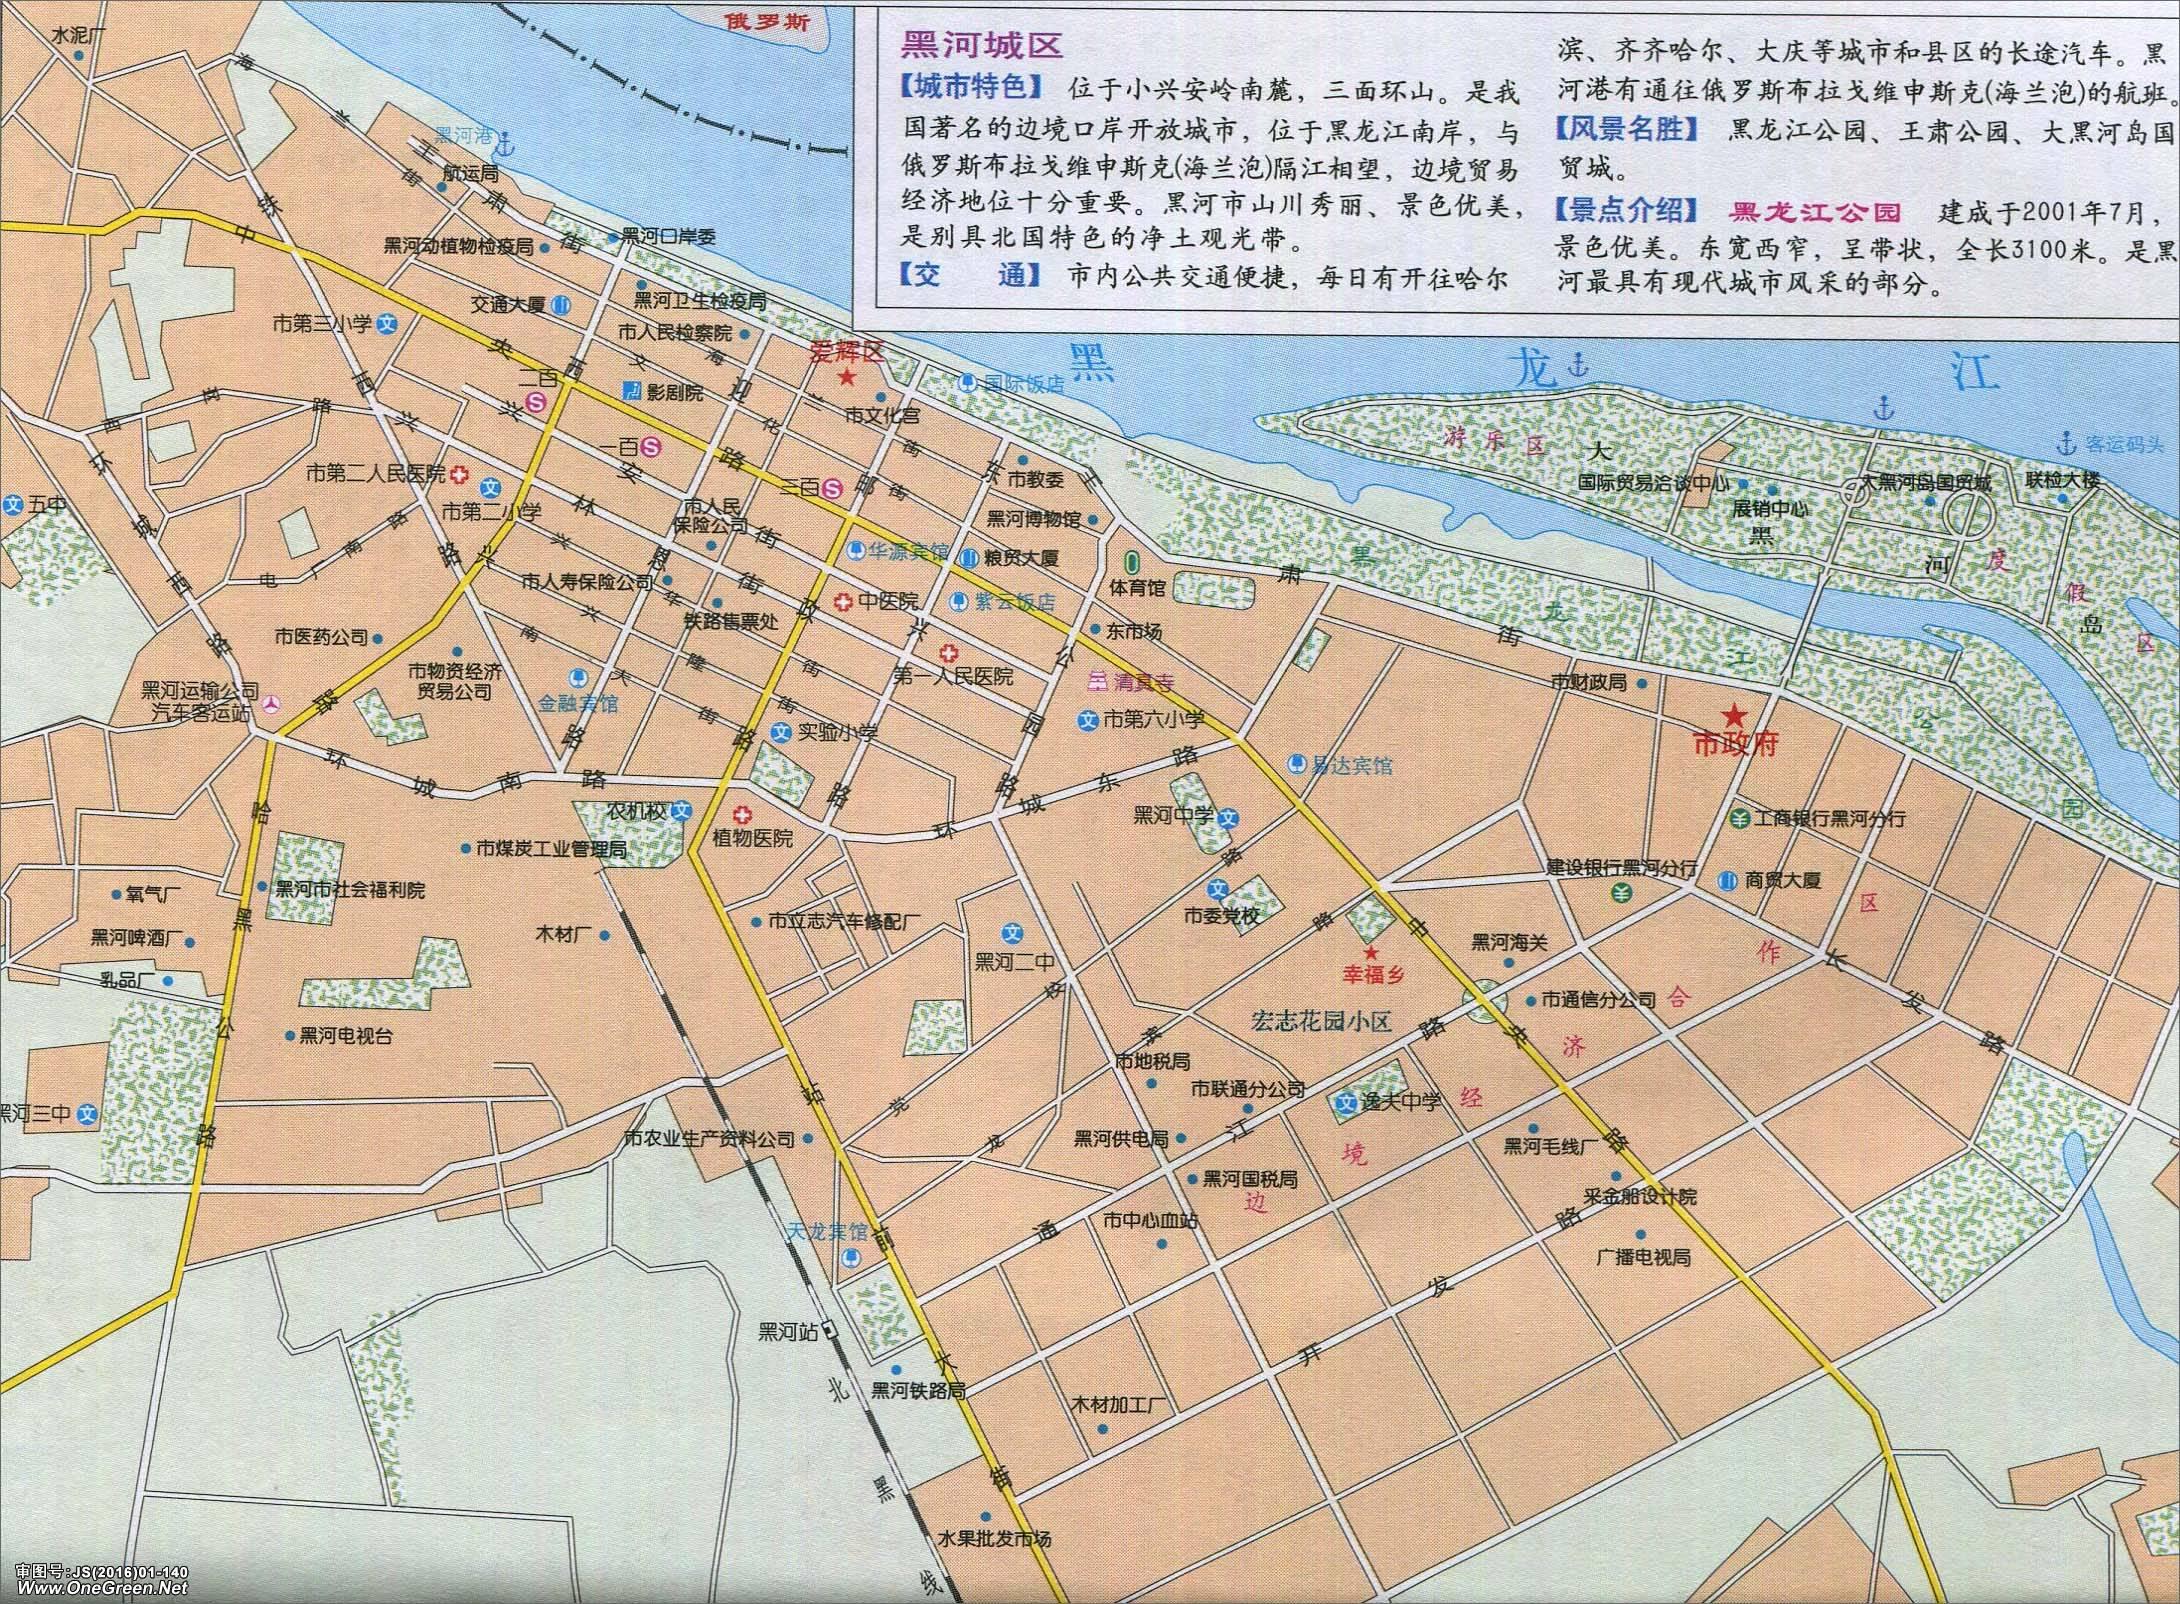 黑河城区地图